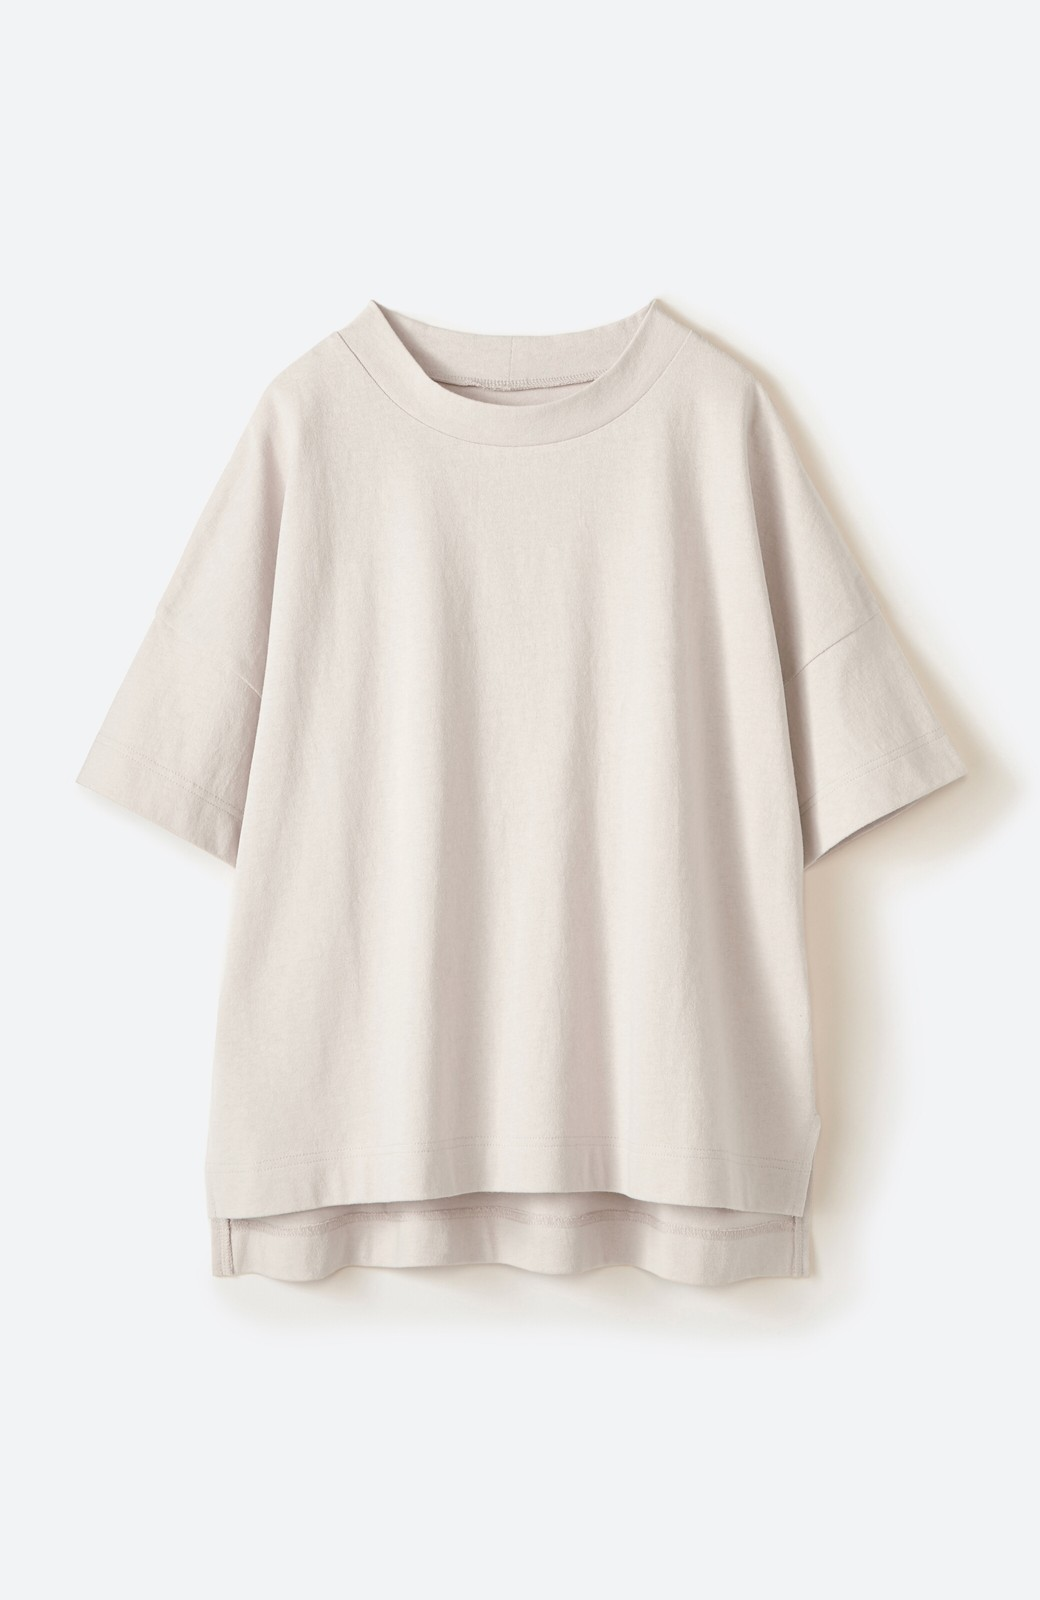 haco! じゃぶじゃぶ洗えて毎日づかいに便利!コーデに迷わず便利なモックネックTシャツ <ベージュ>の商品写真17